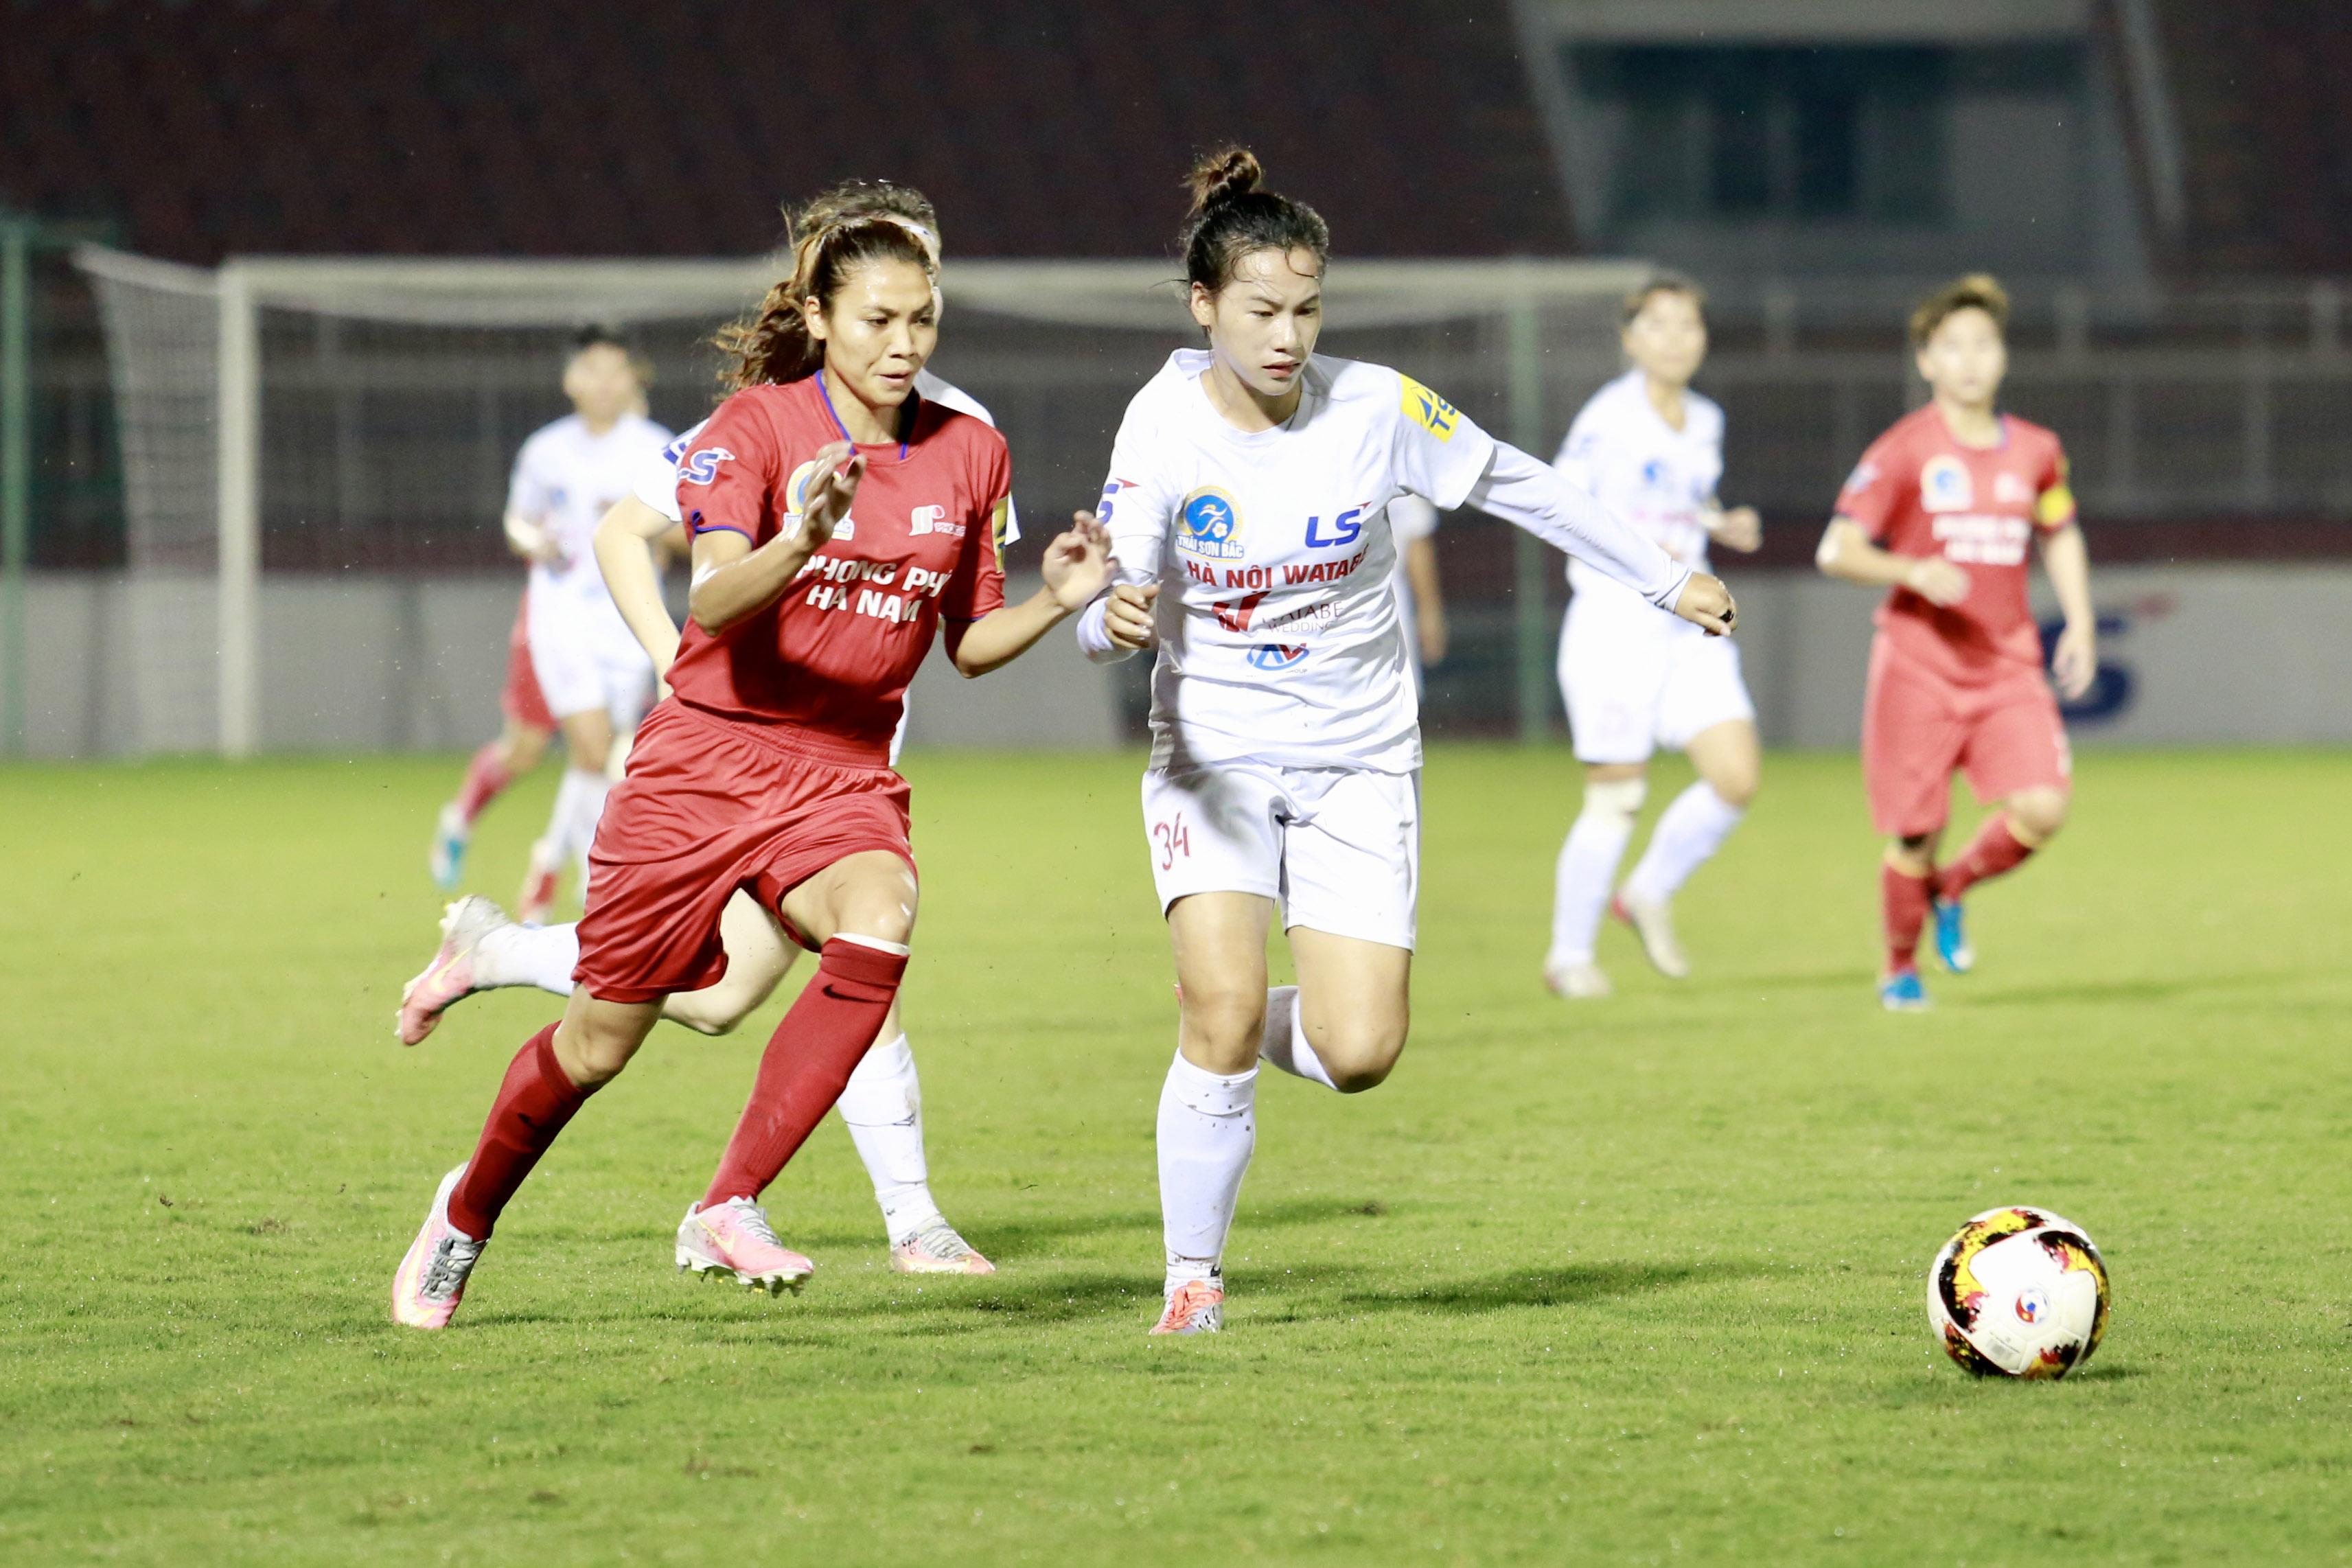 Hà Nội I Watabe có ngôi đầu, PP Hà Nam giành ba điểm -0